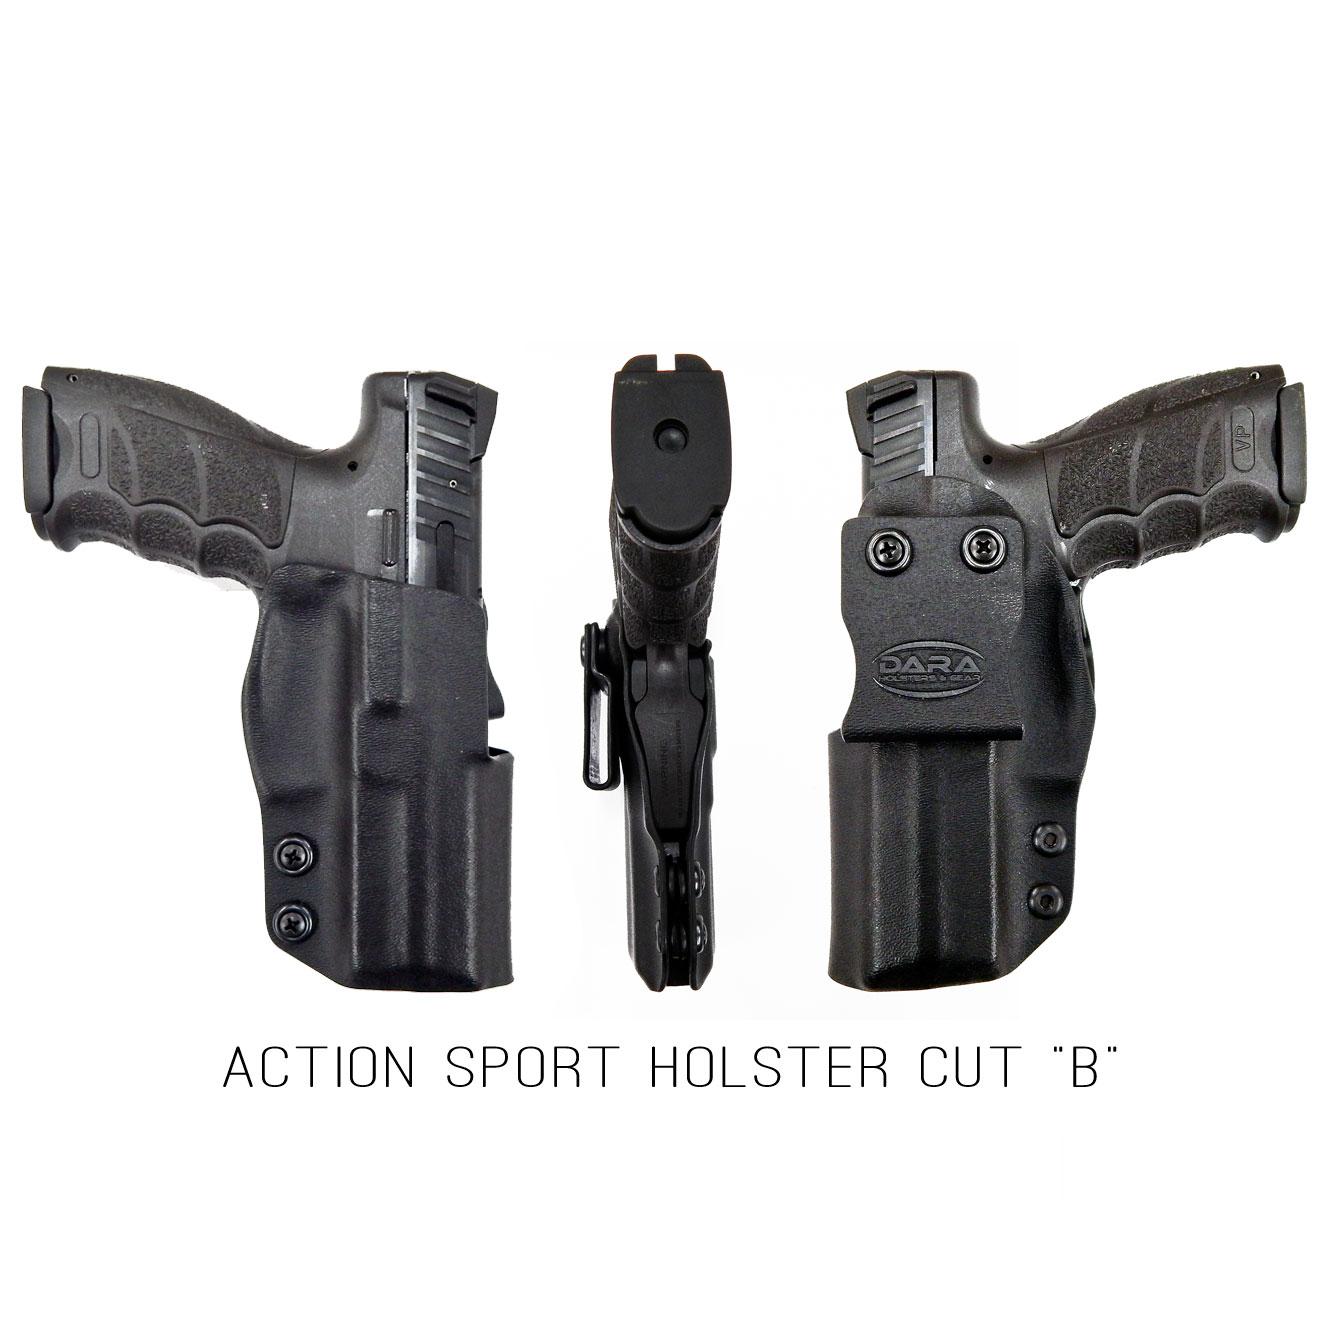 tri-fold-action-sport-cut-b.jpg